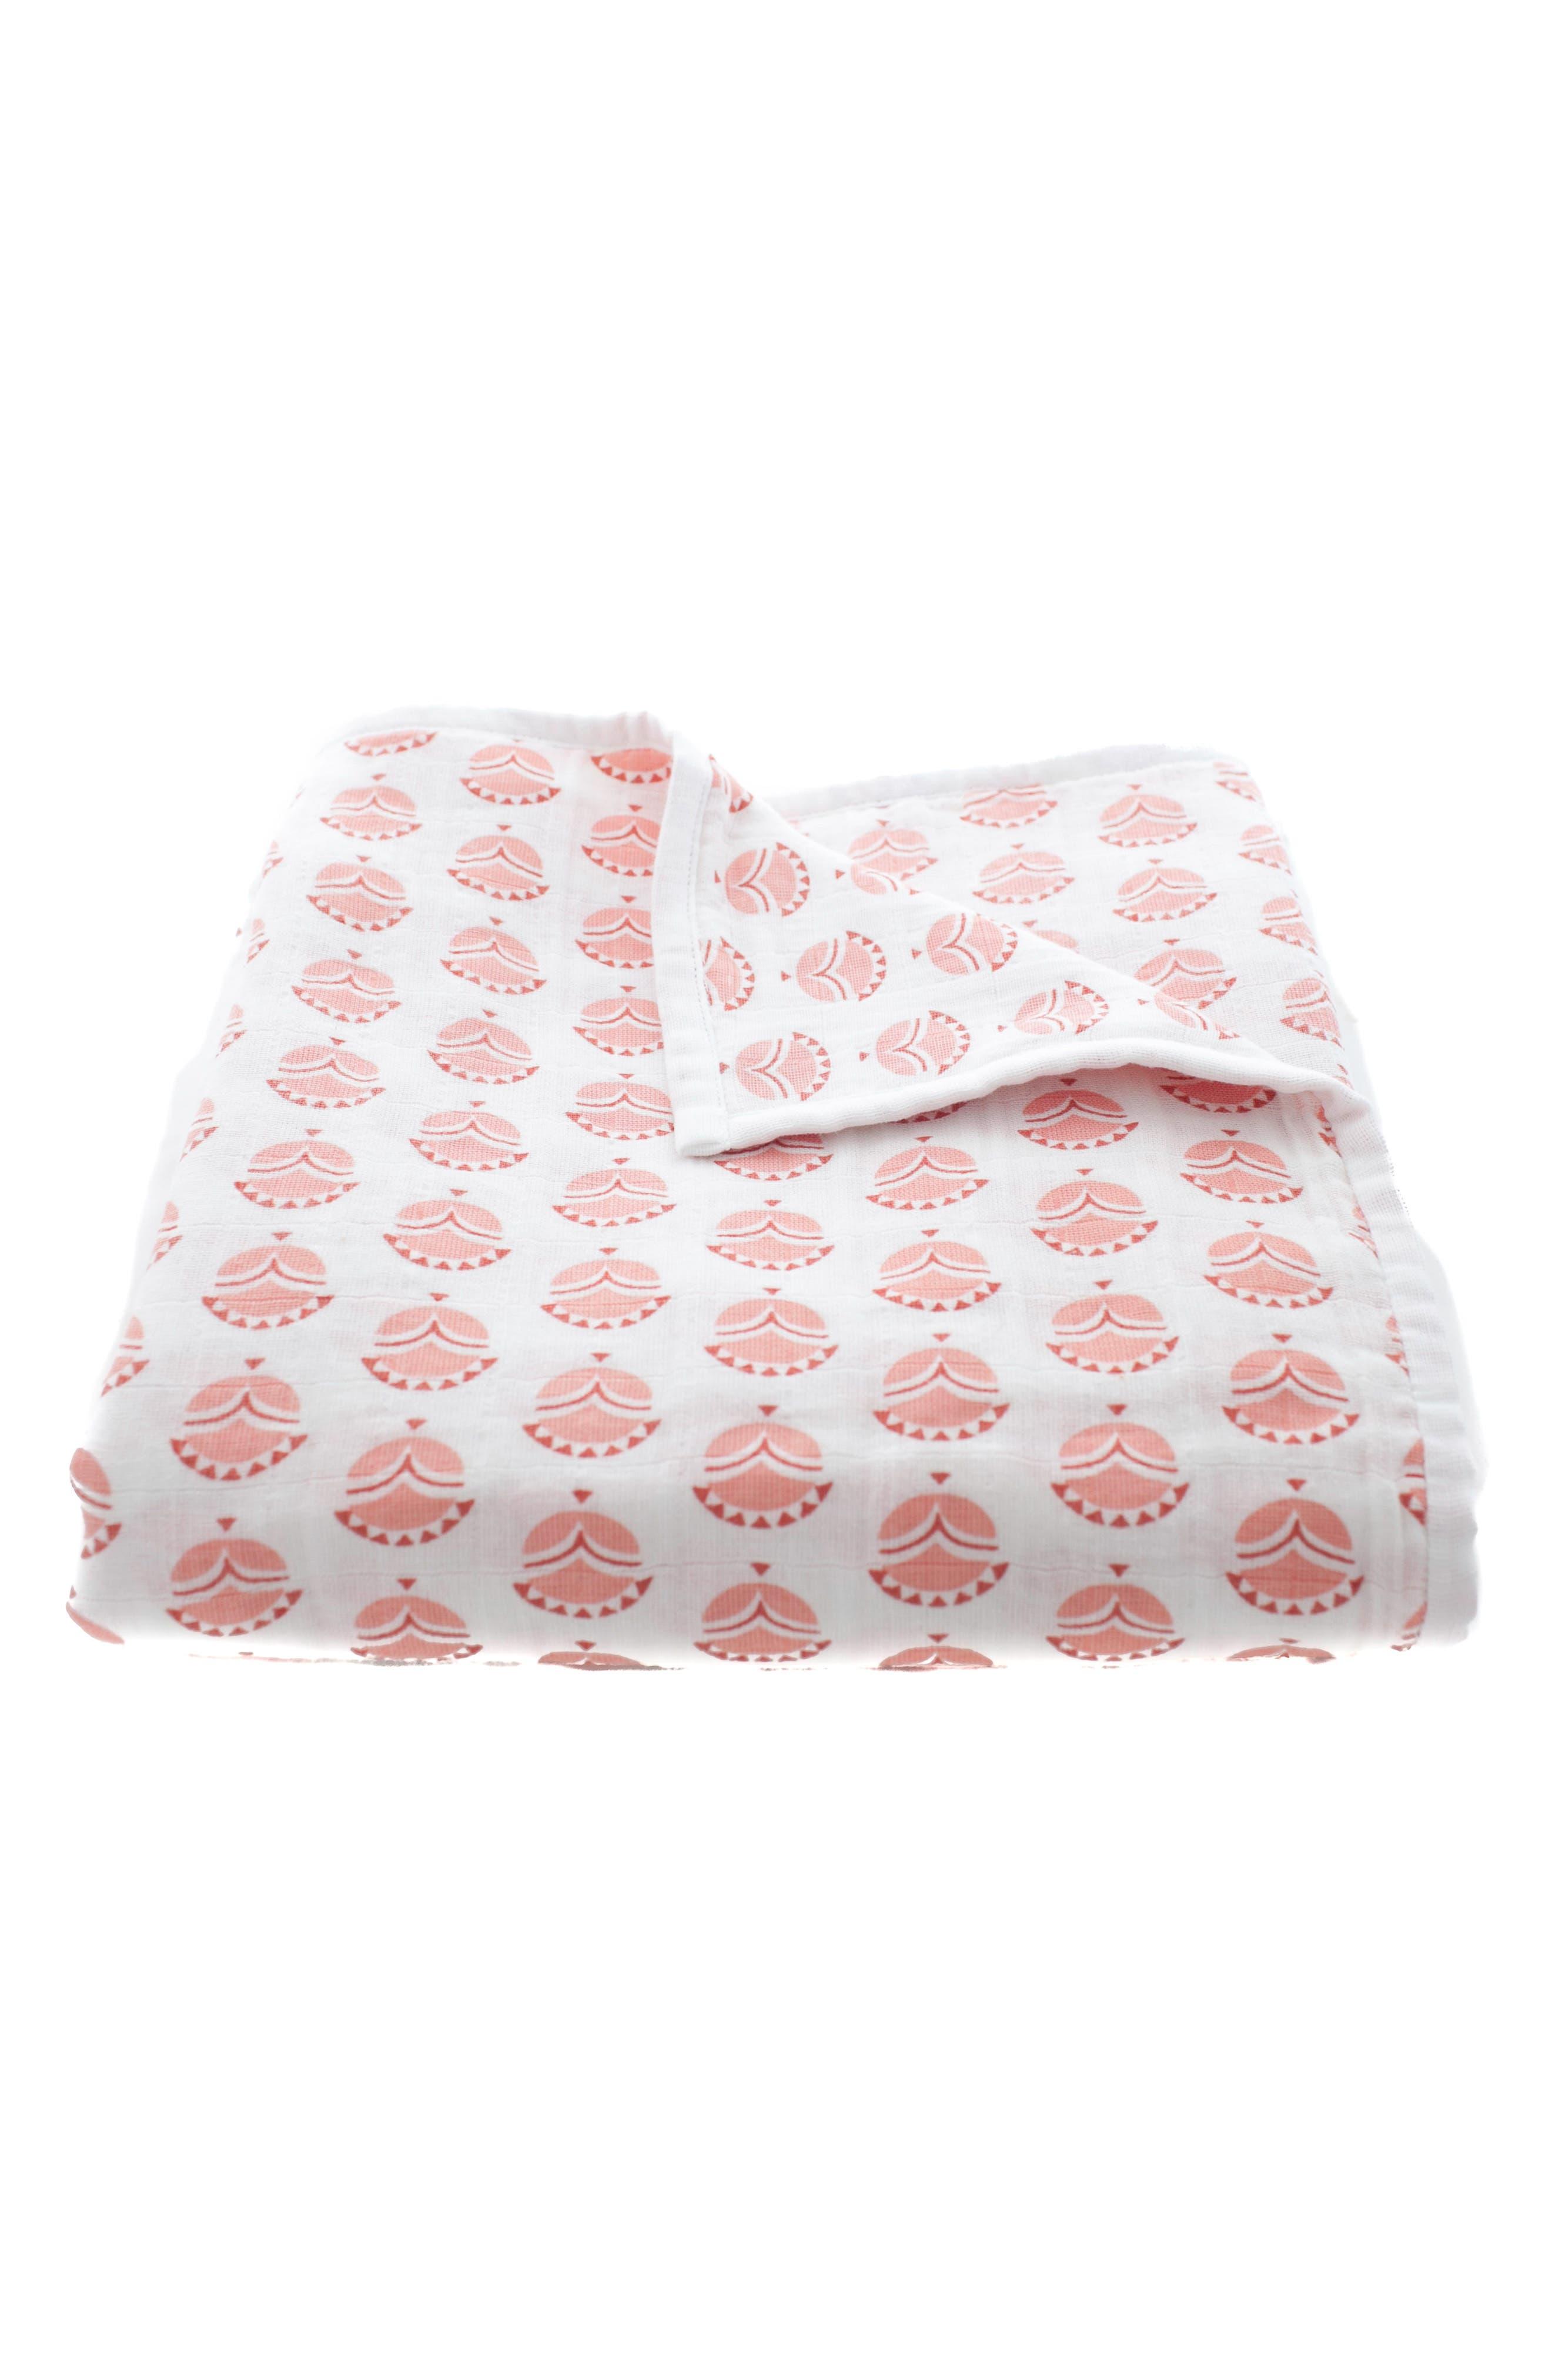 Lil Lemon by zestt Mia Organic Cotton Blanket